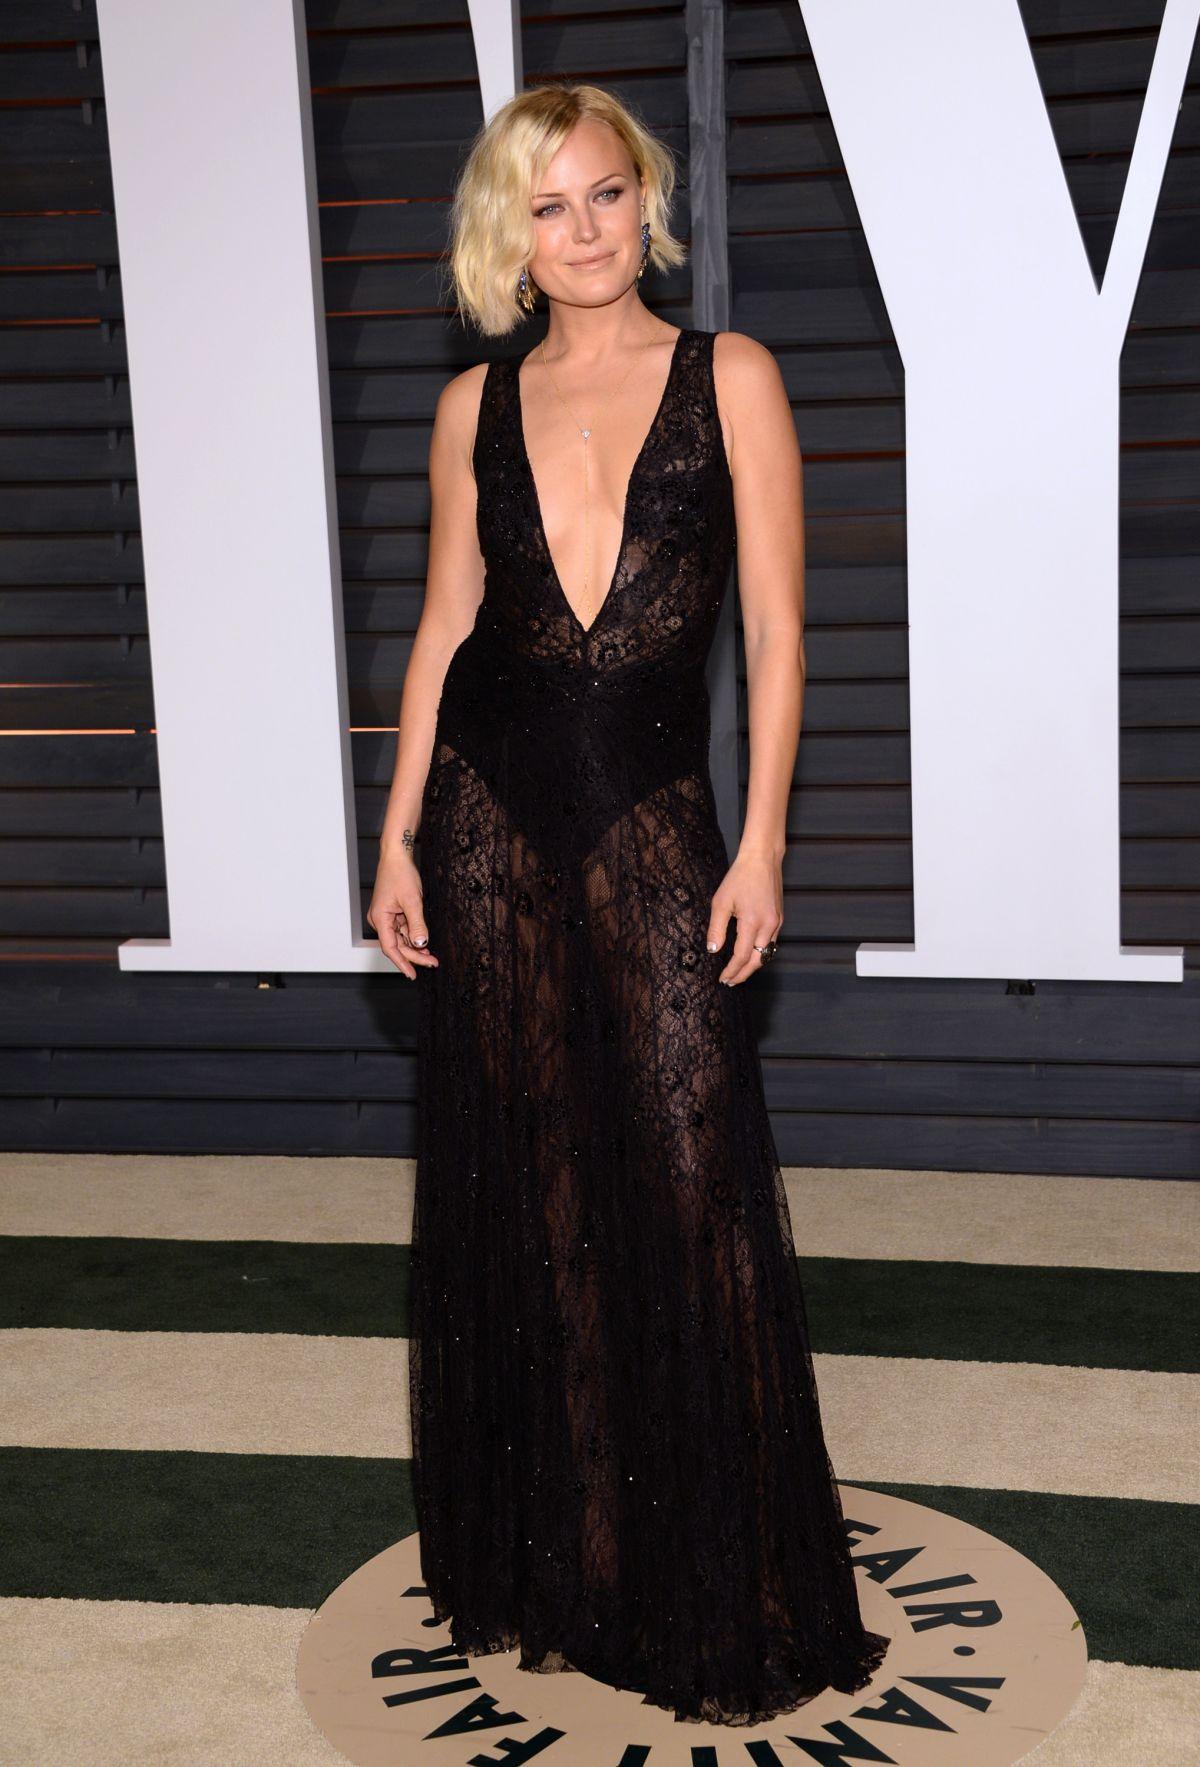 MALIN AKERMAN at Vanity Fair Oscar Party in Hollywood